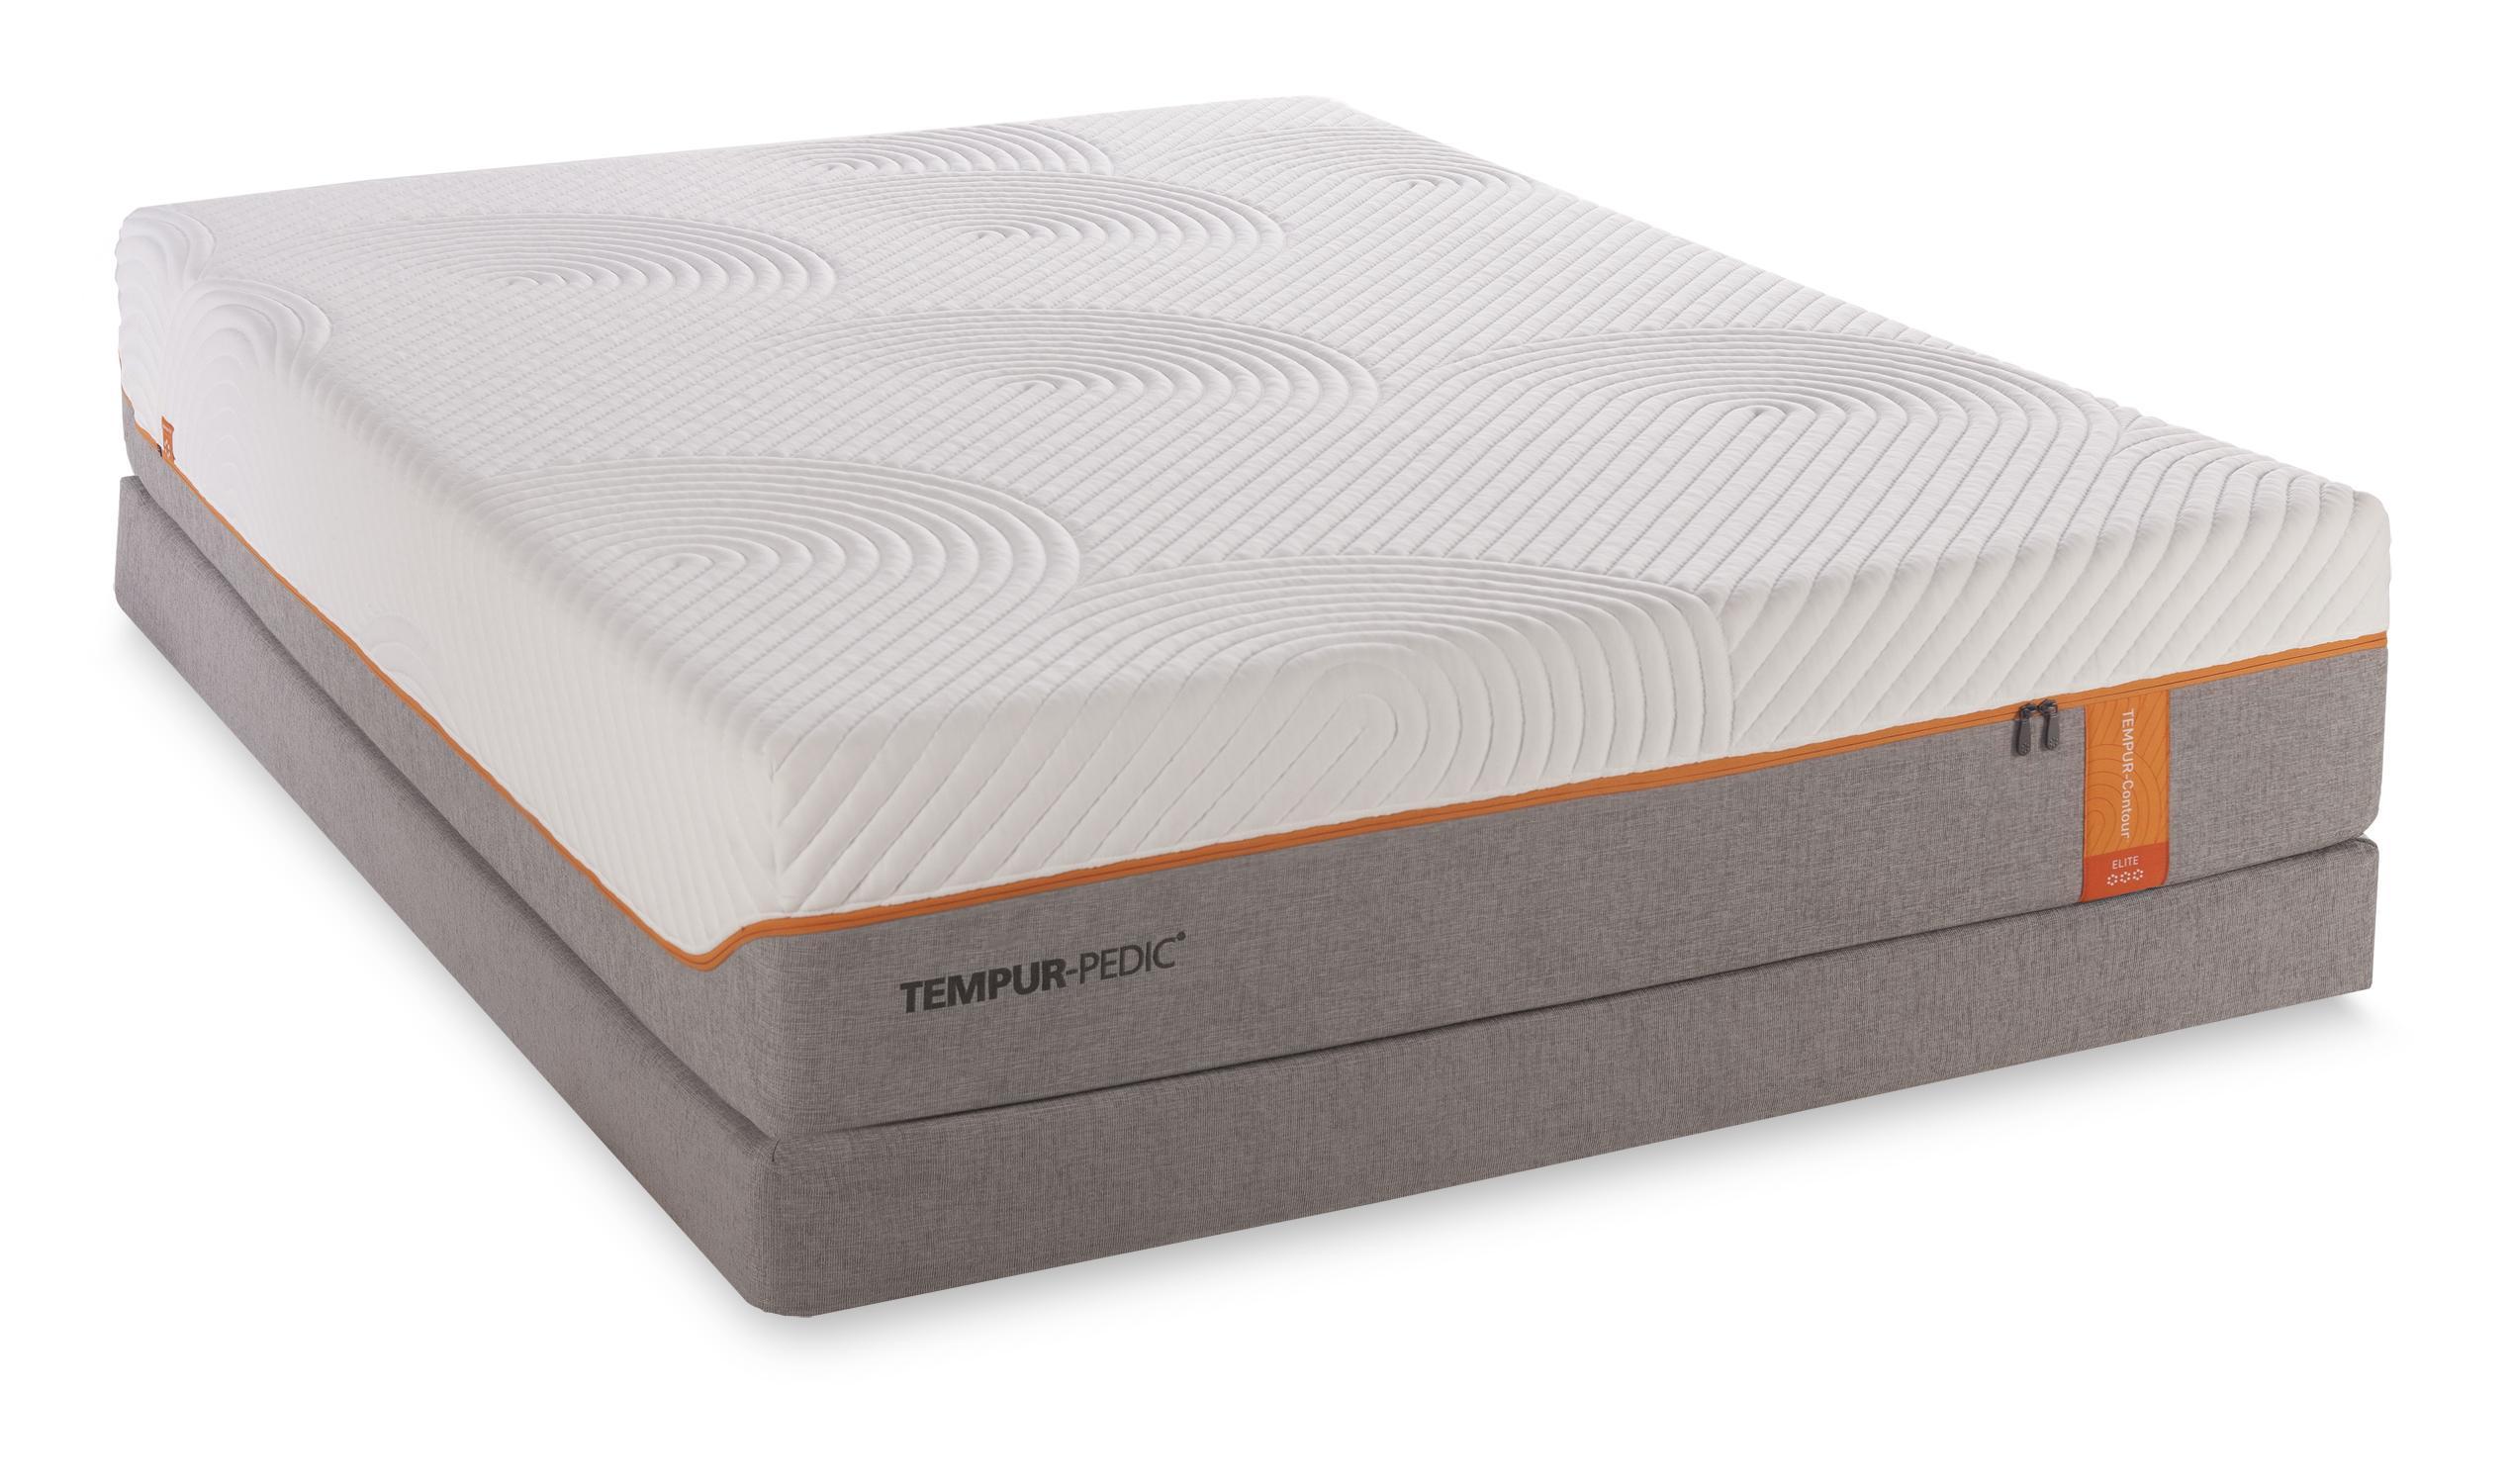 tempur pedic tempur contour elite queen medium firm. Black Bedroom Furniture Sets. Home Design Ideas